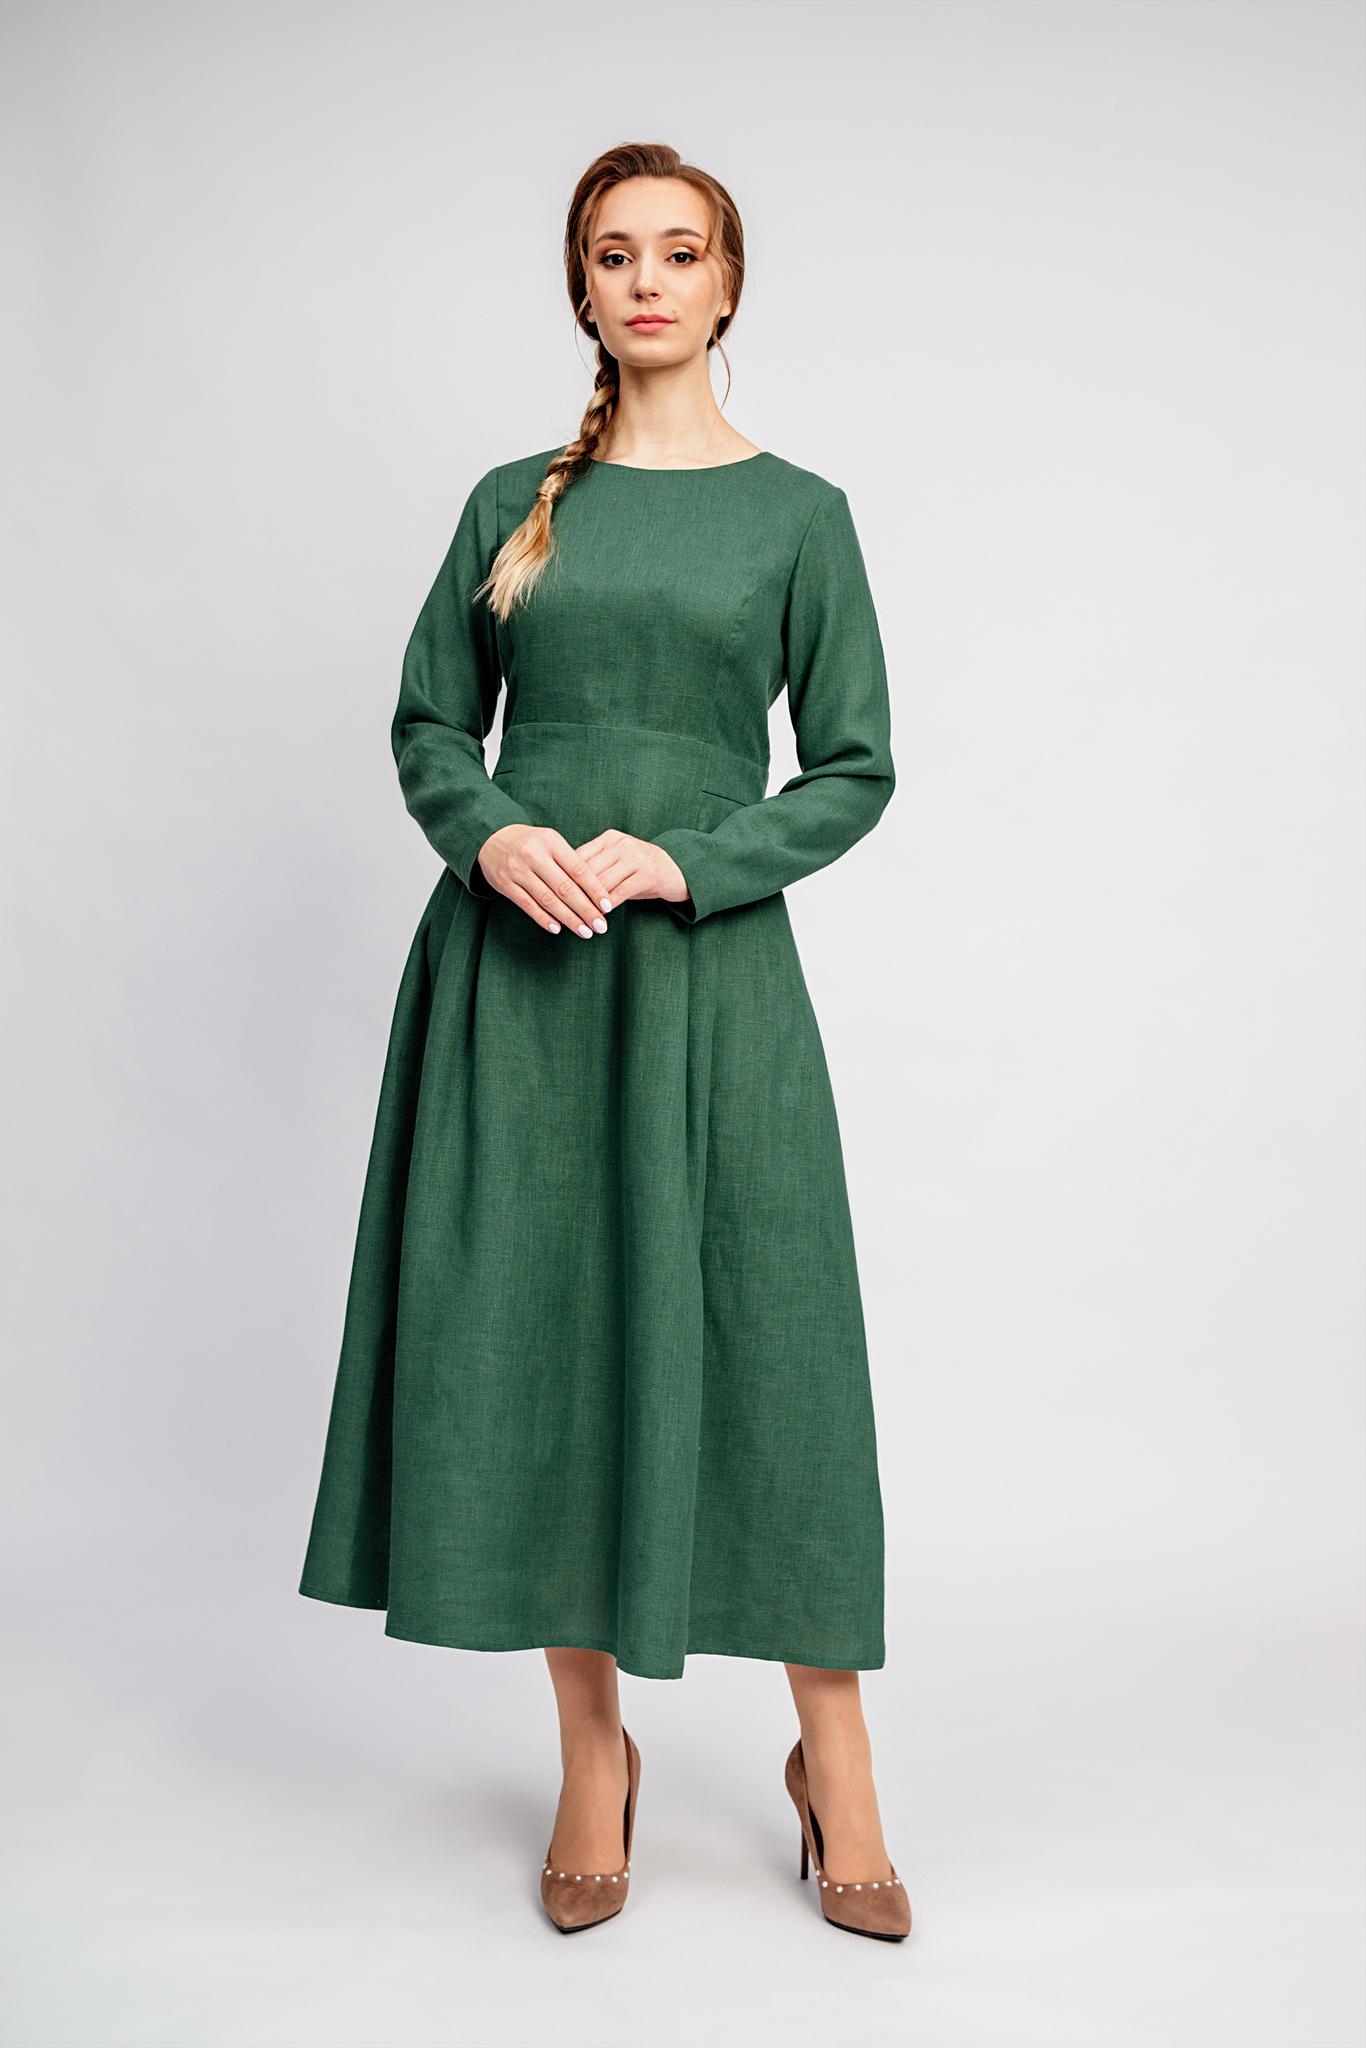 Платье льняное Молодо-зелено в русском стиле